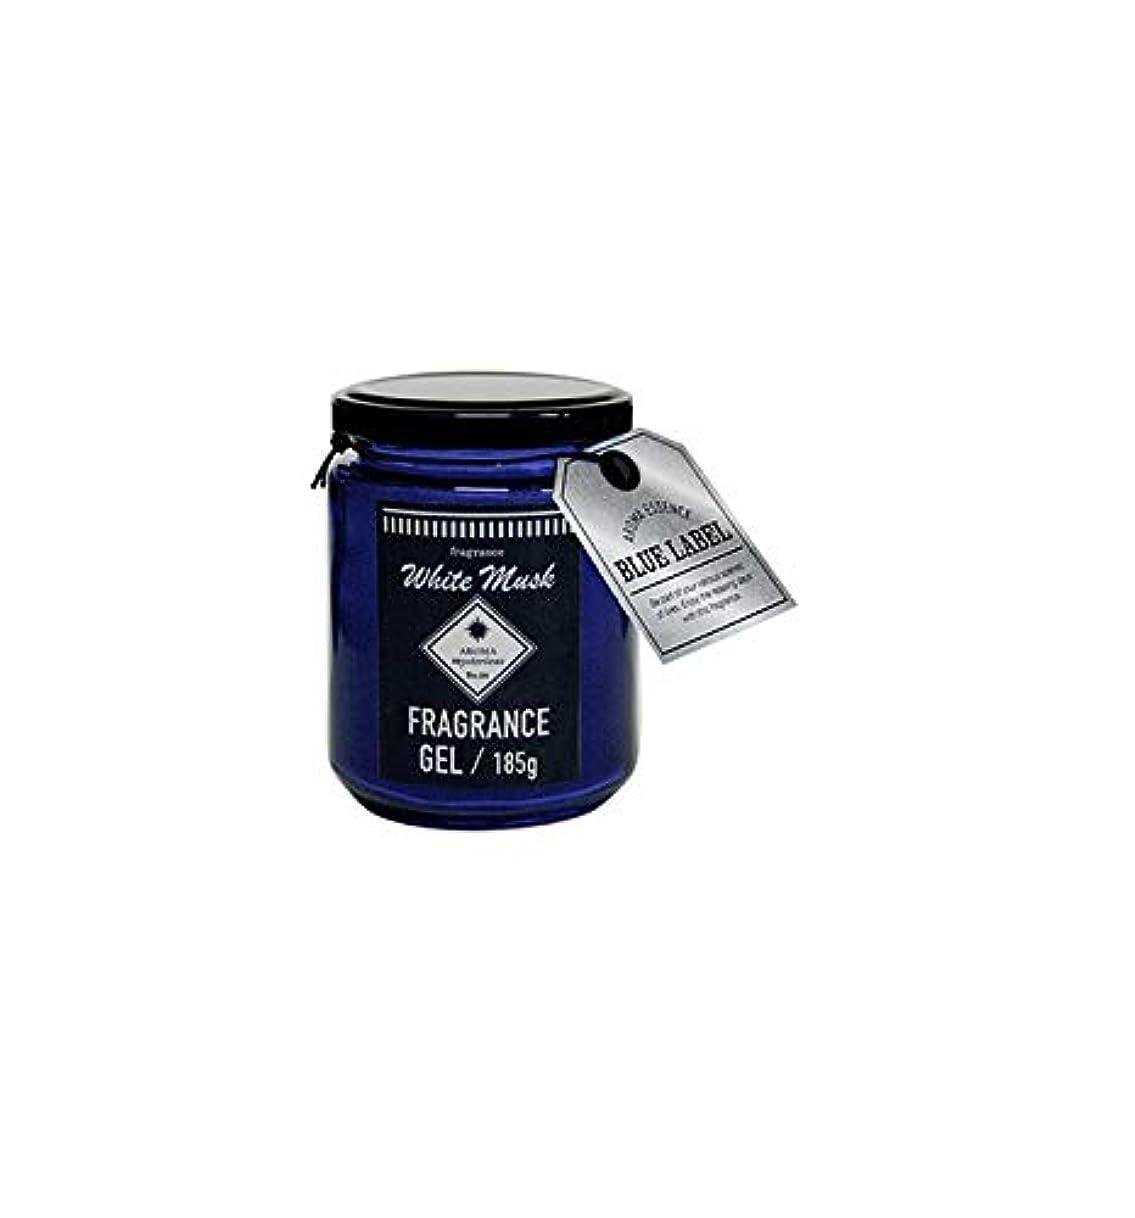 魔法服を片付ける抑圧するブルーラベル ブルー フレグランスジェル185g ホワイトムスク(消臭除菌 日本製 誰もが好む香り)